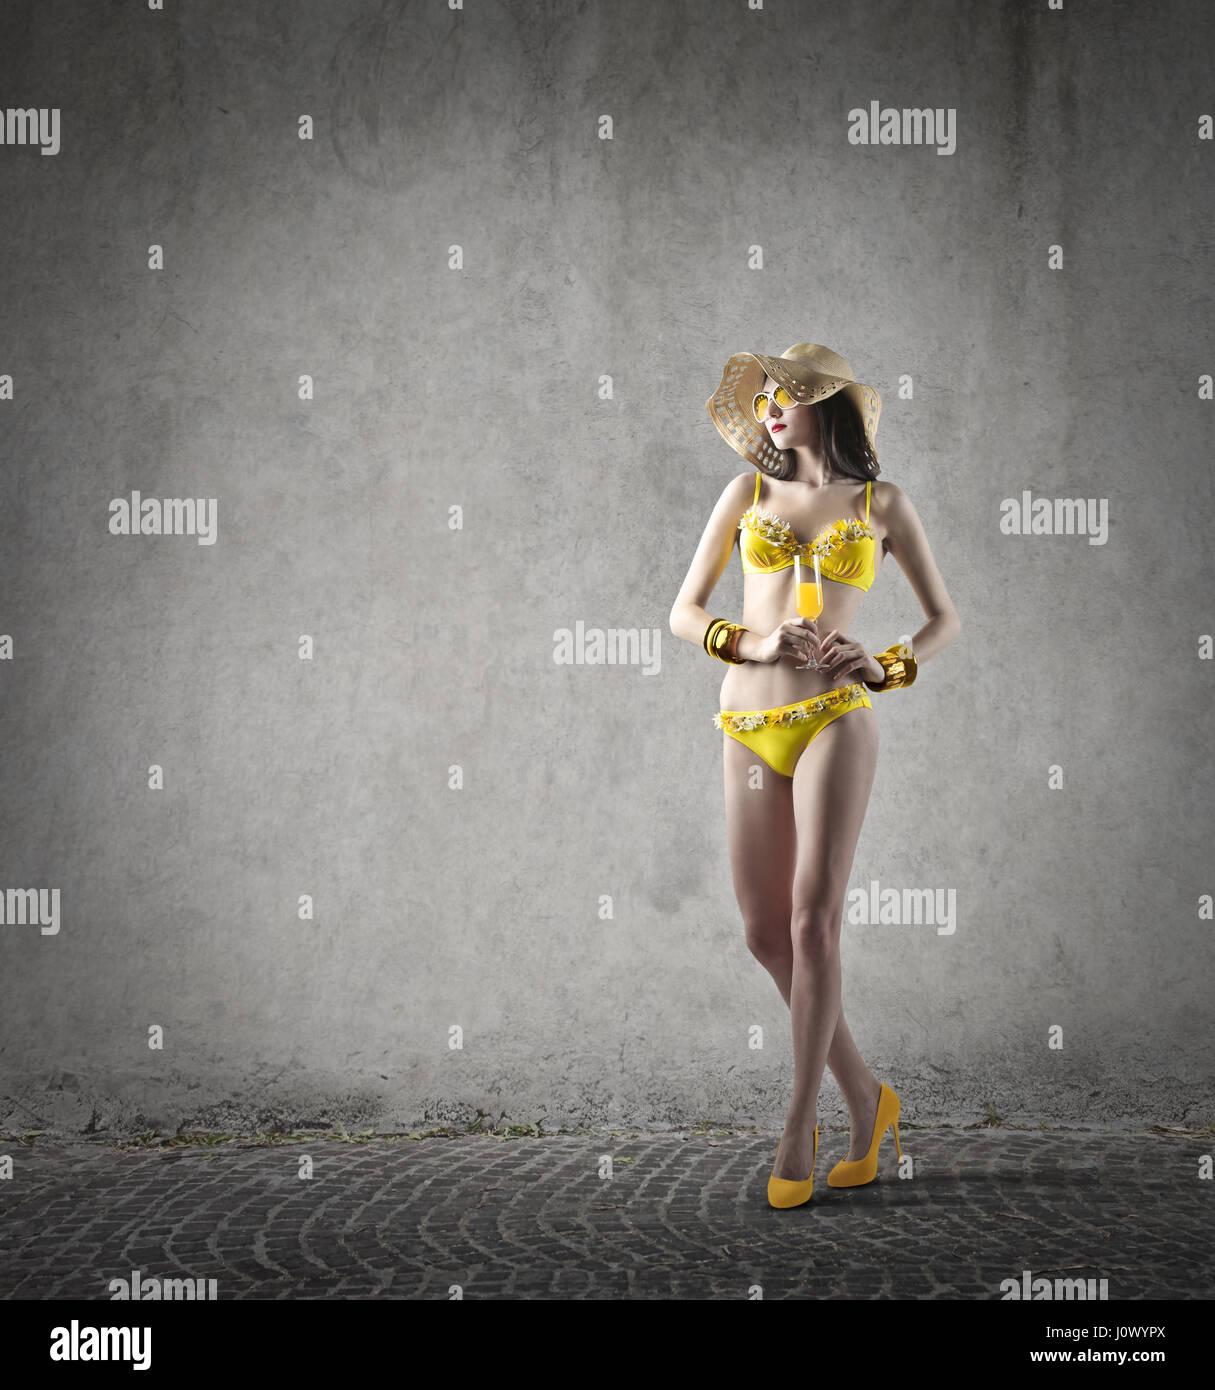 Woman in yellow bikini in empty room - Stock Image